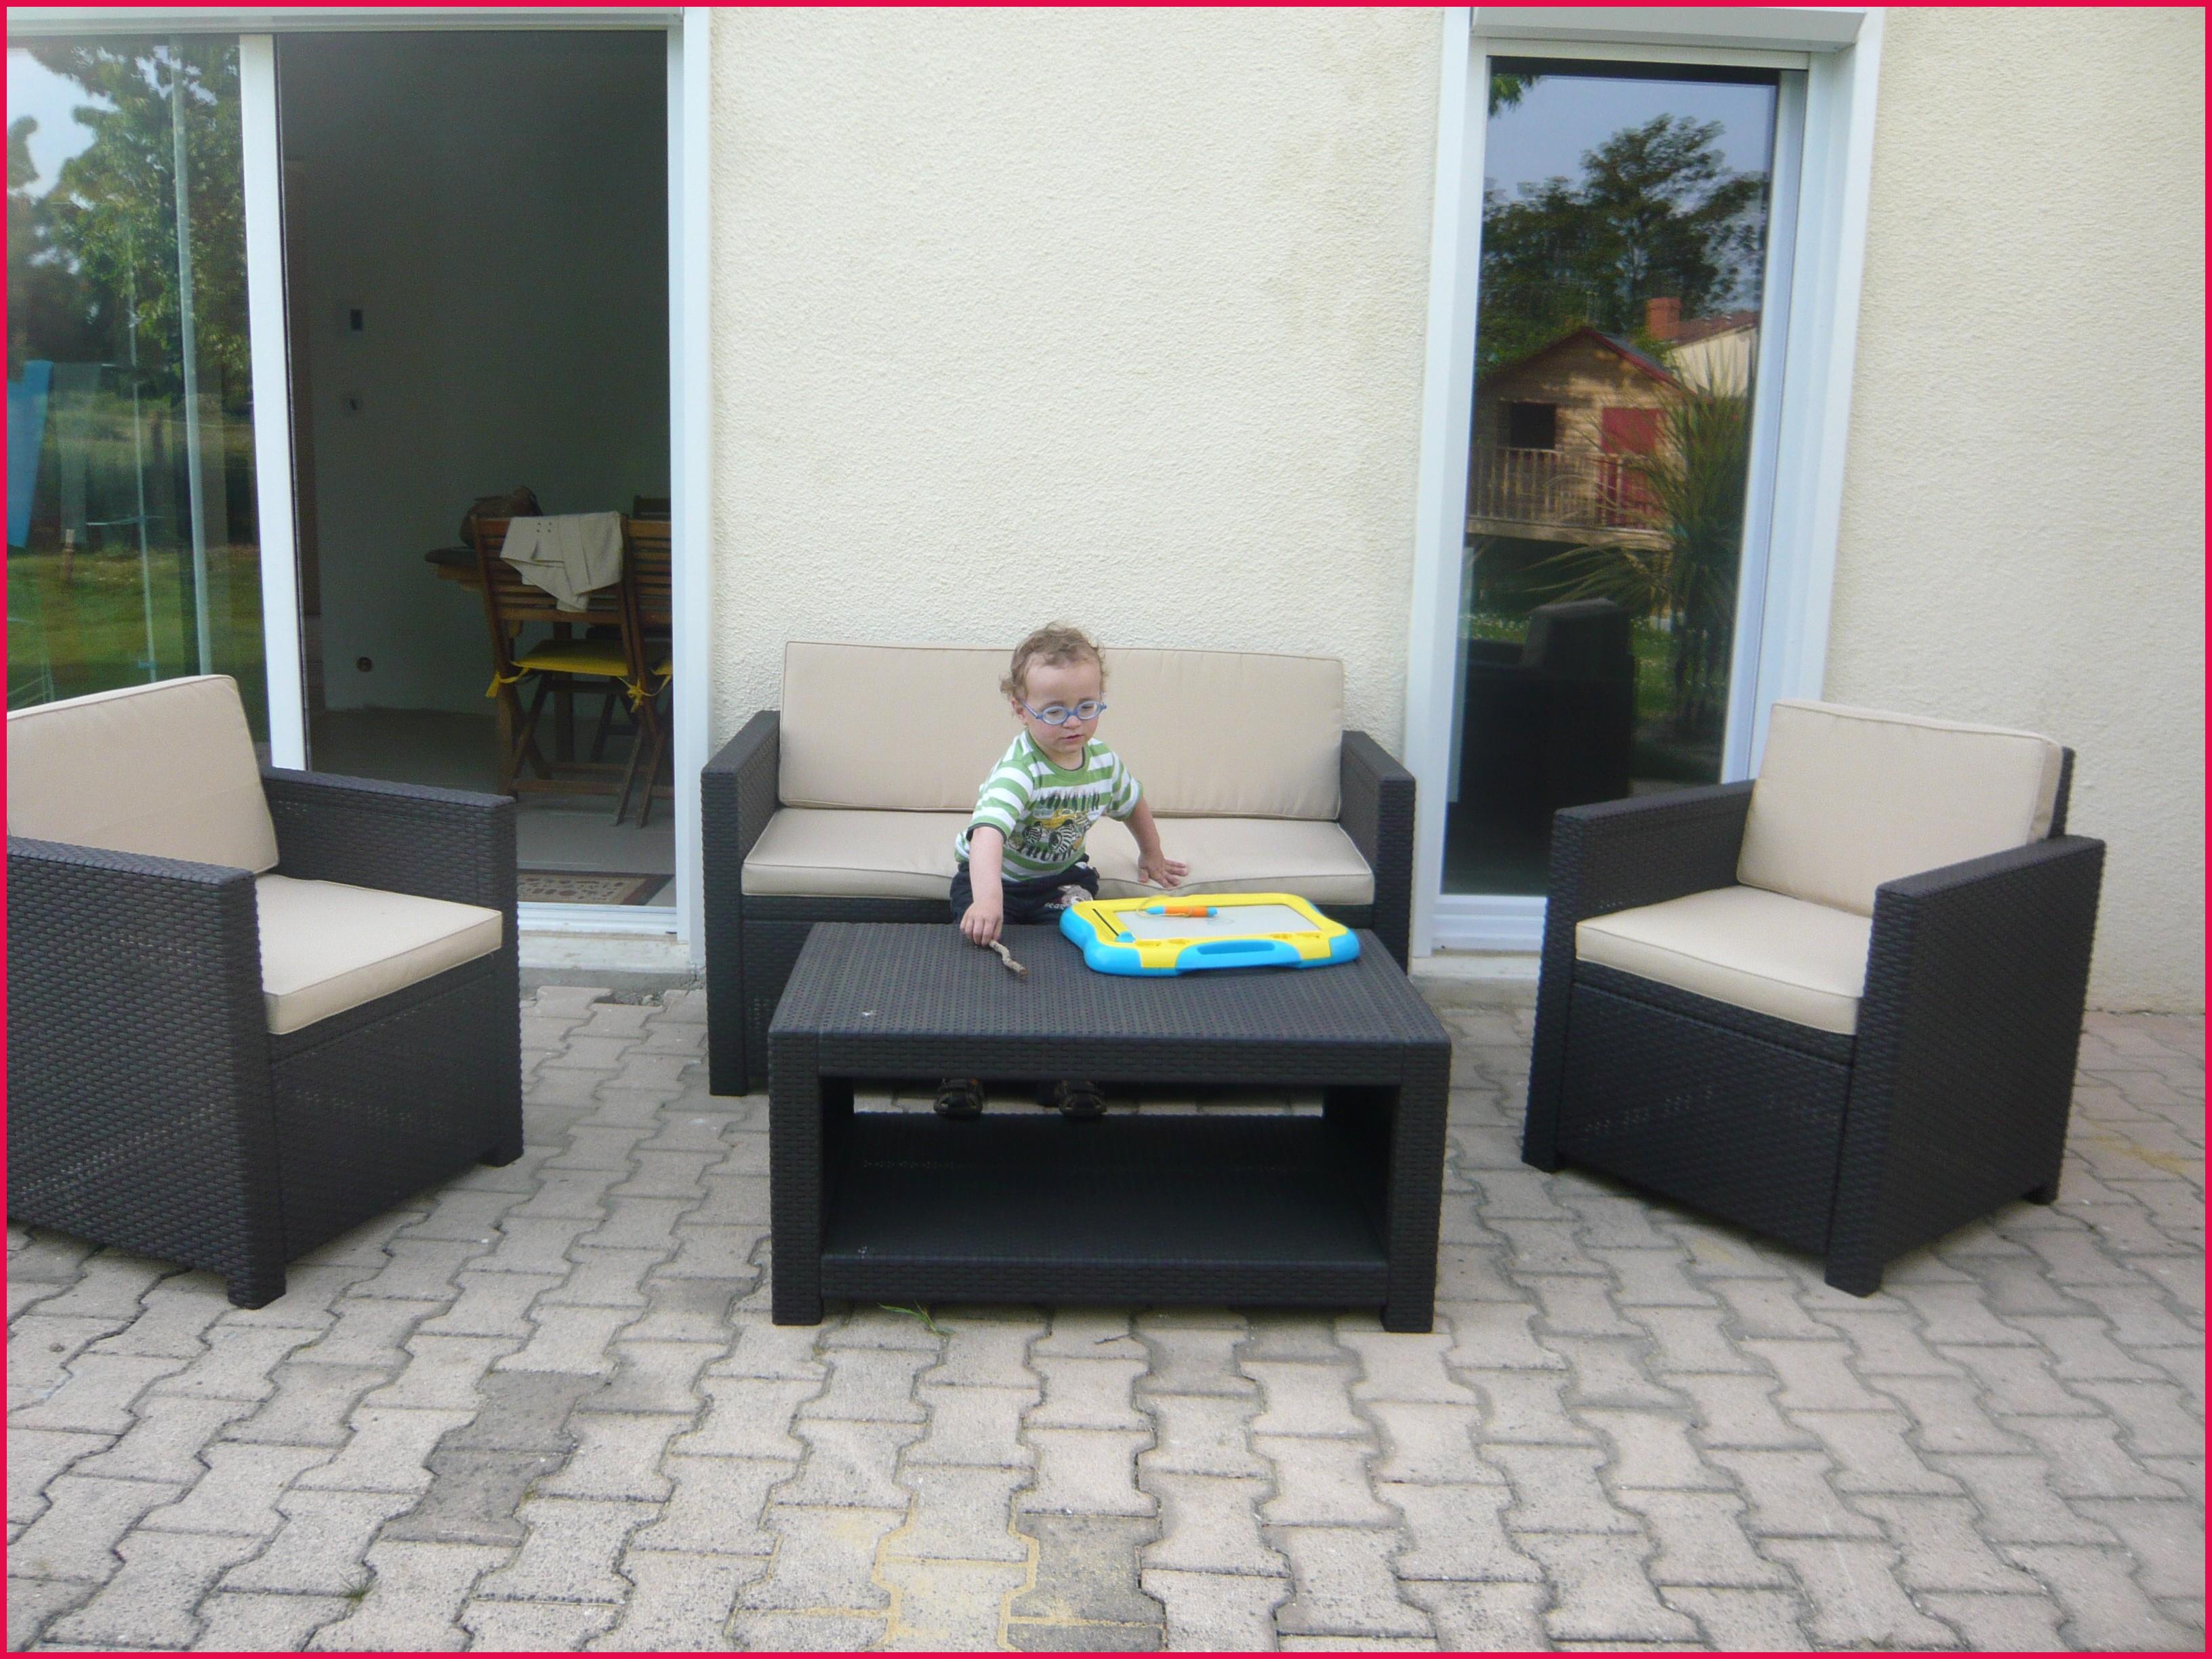 Salon de jardin allibert occasion - Jardin piscine et Cabane